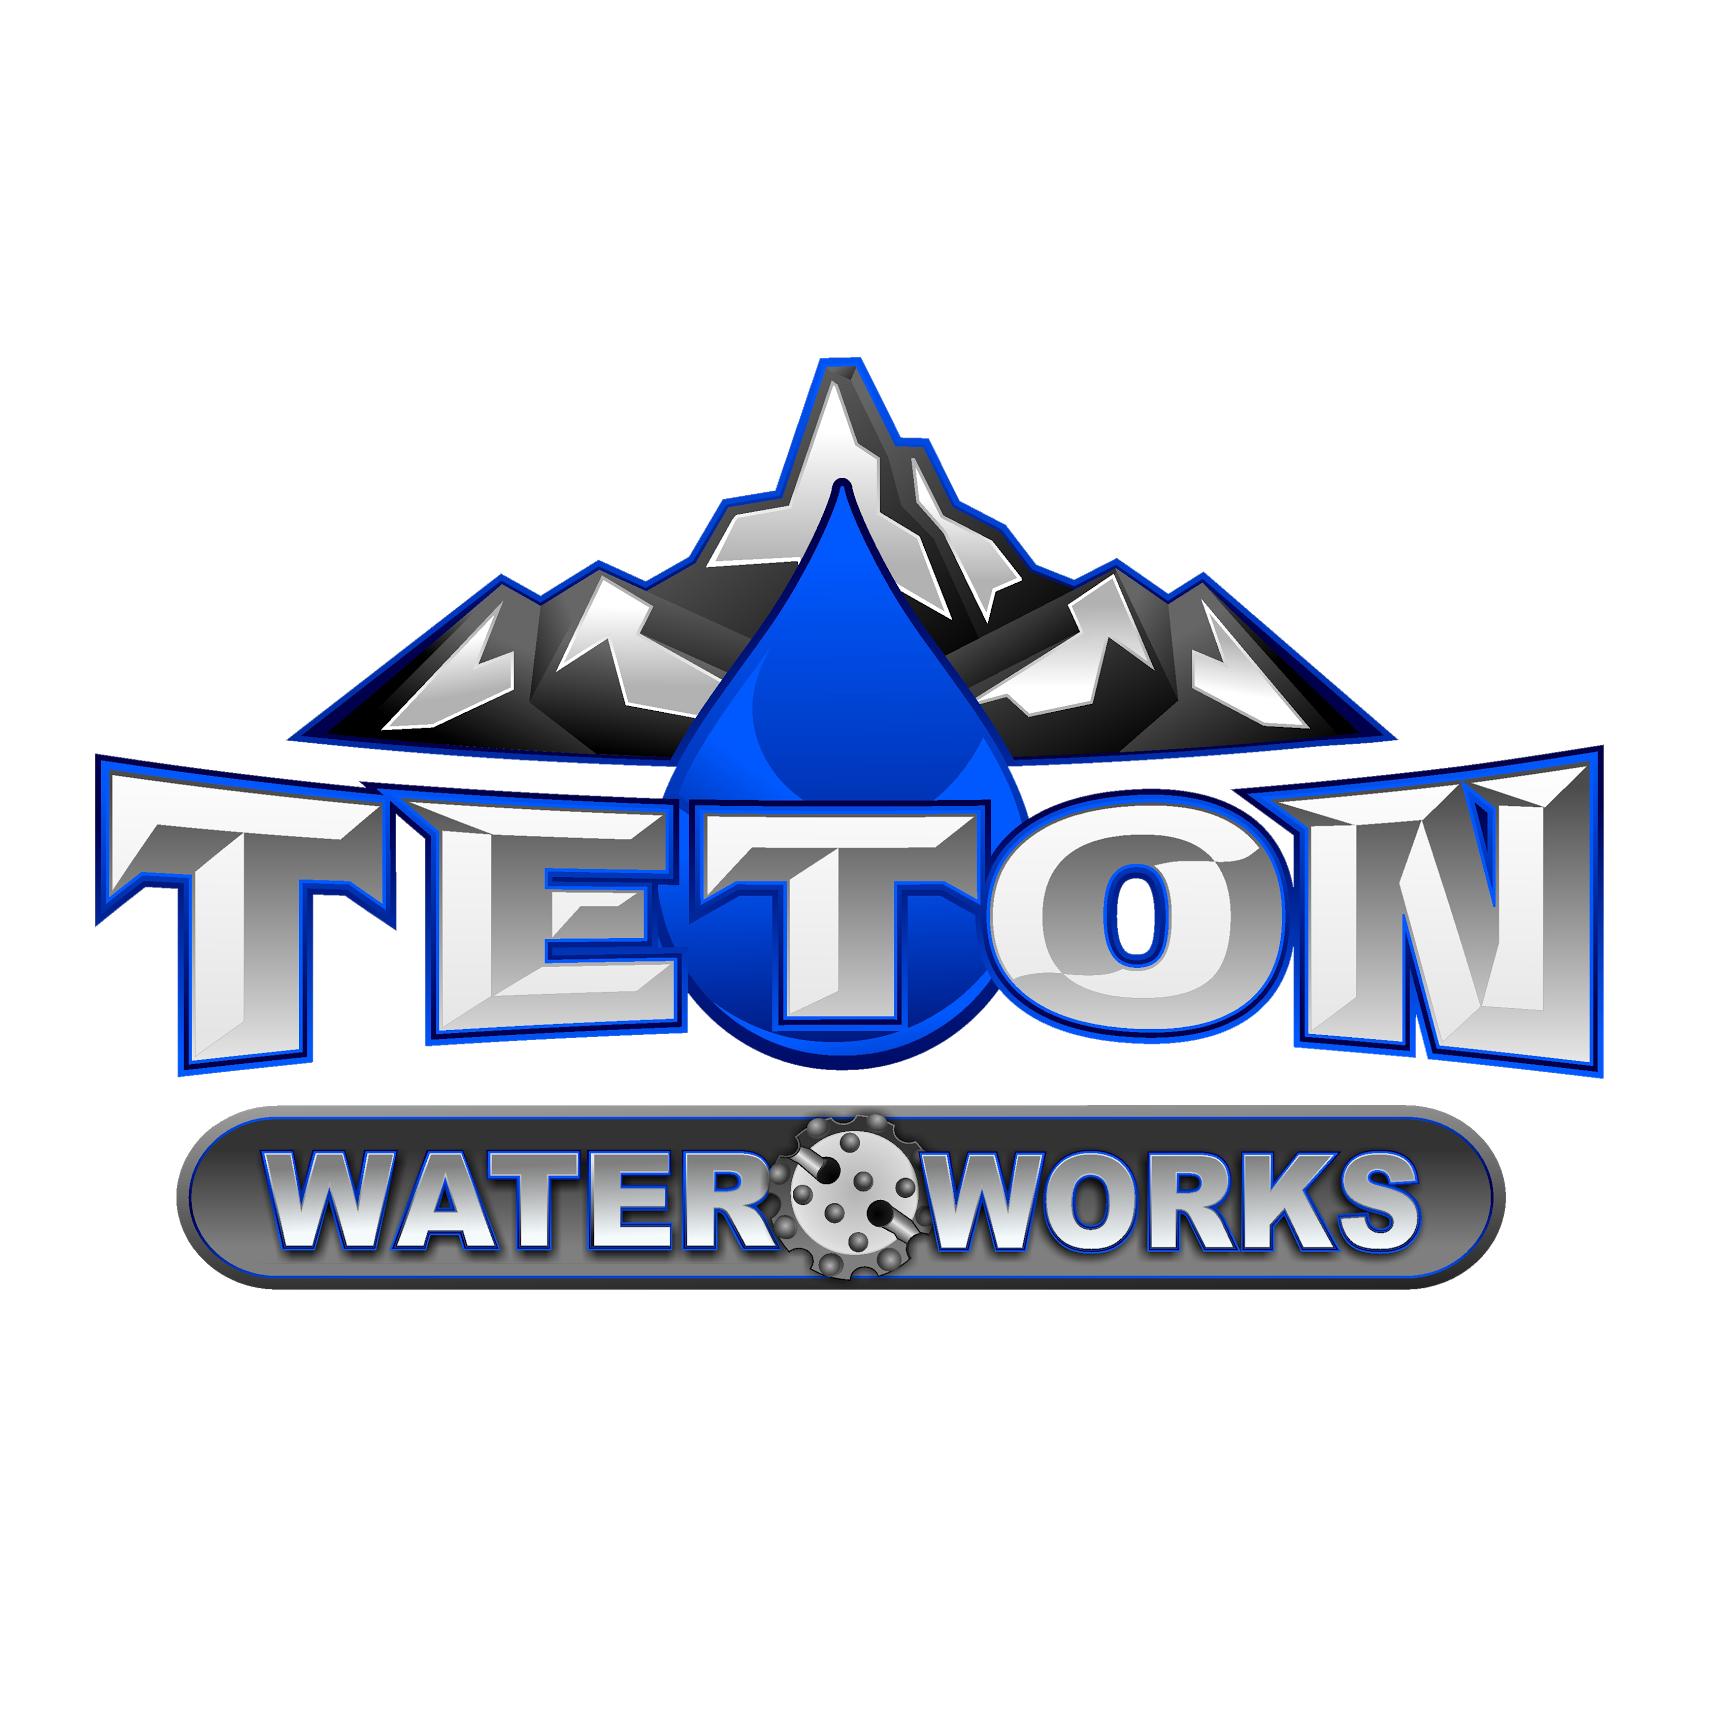 Teton Water Works, LLC